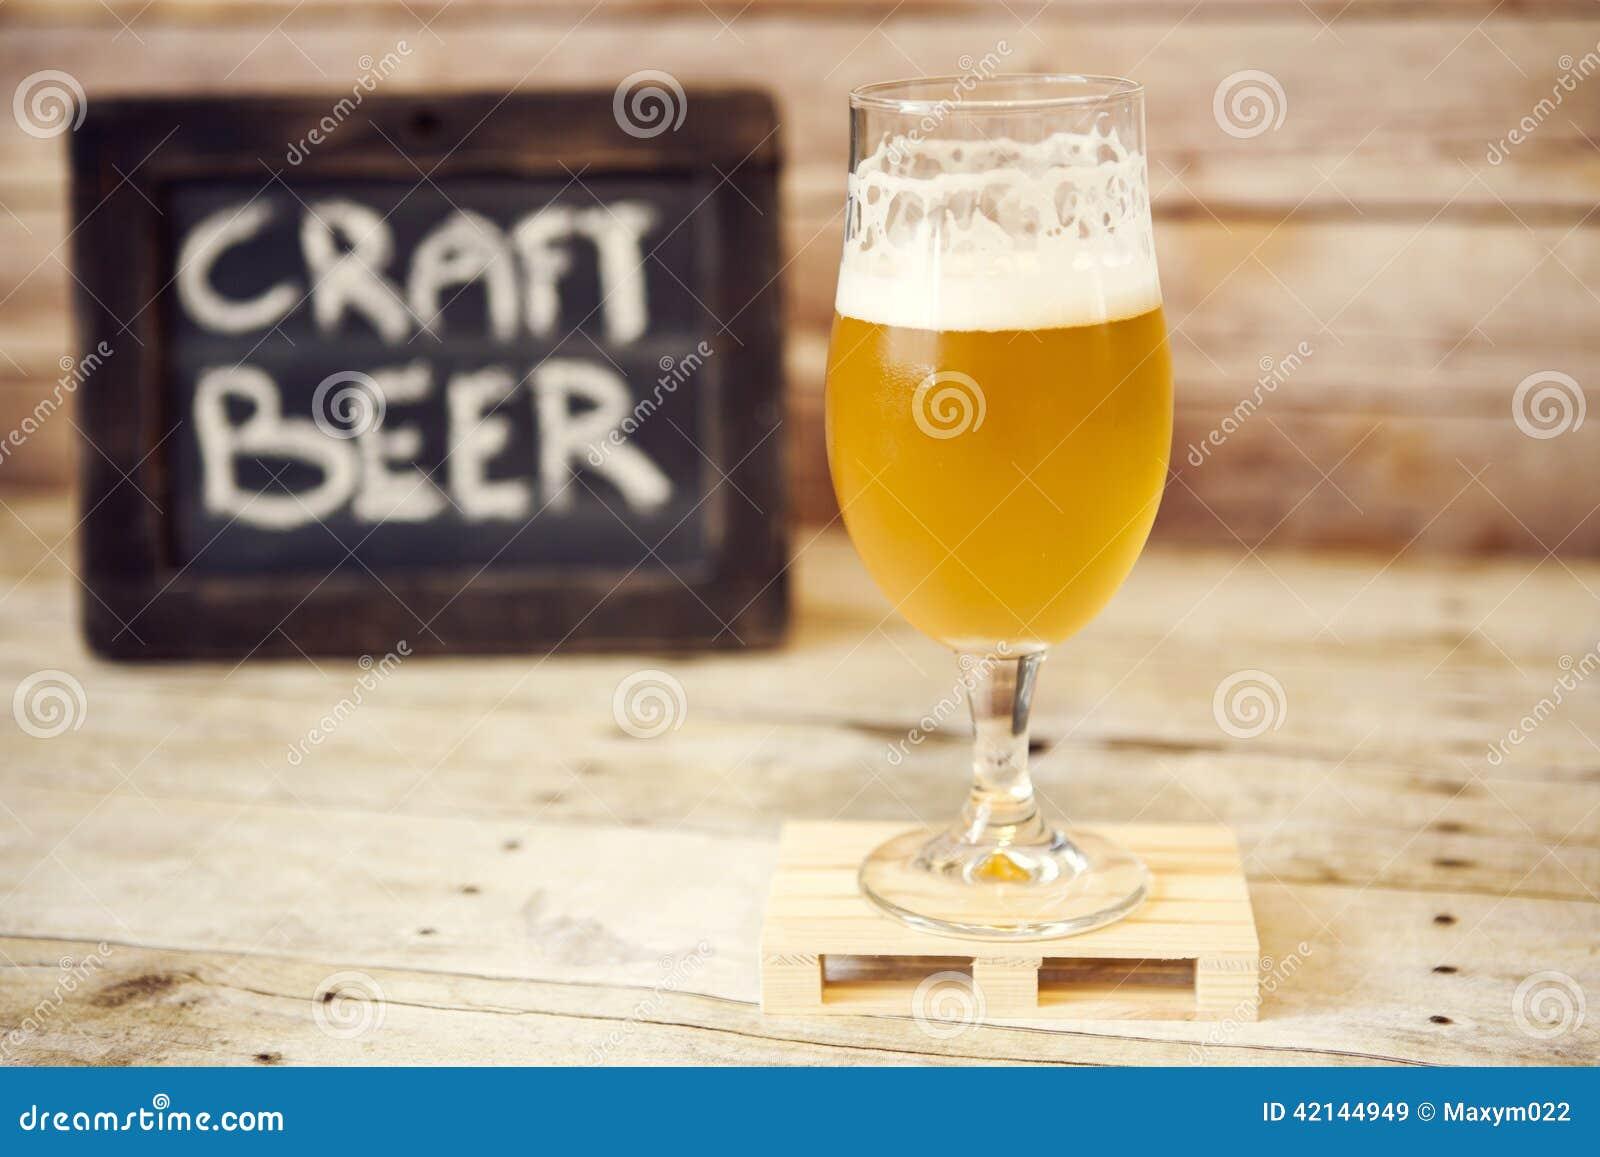 Handwerks-Bier